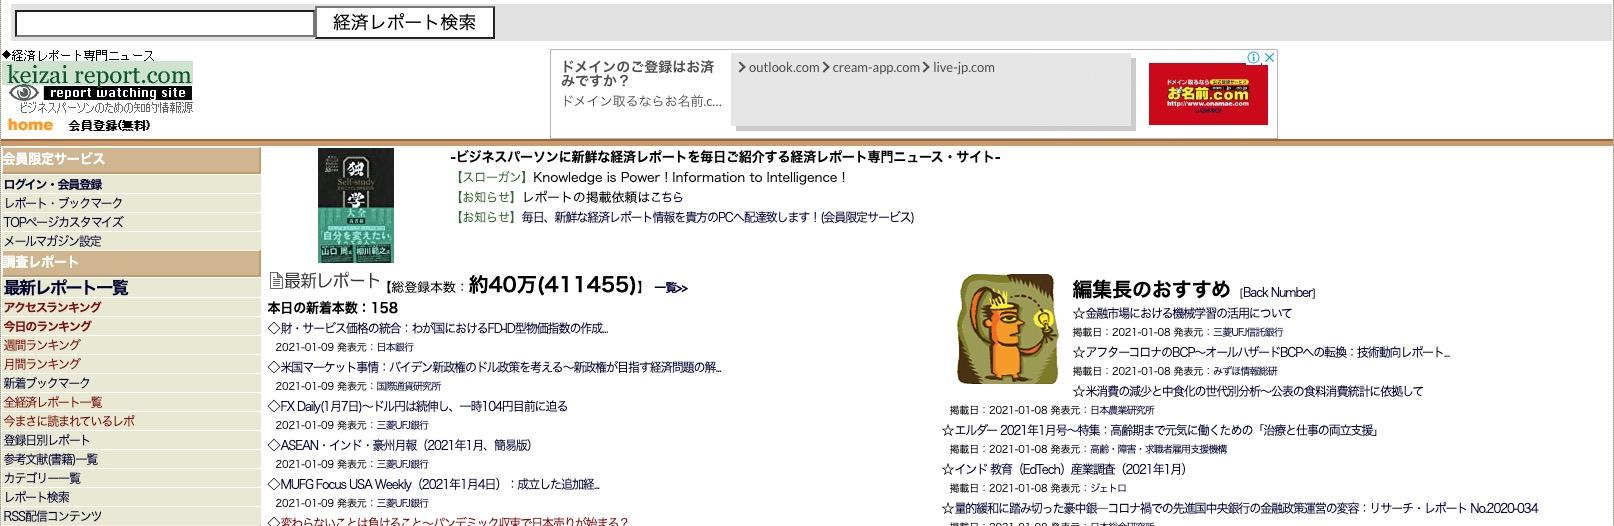 keizai report.com